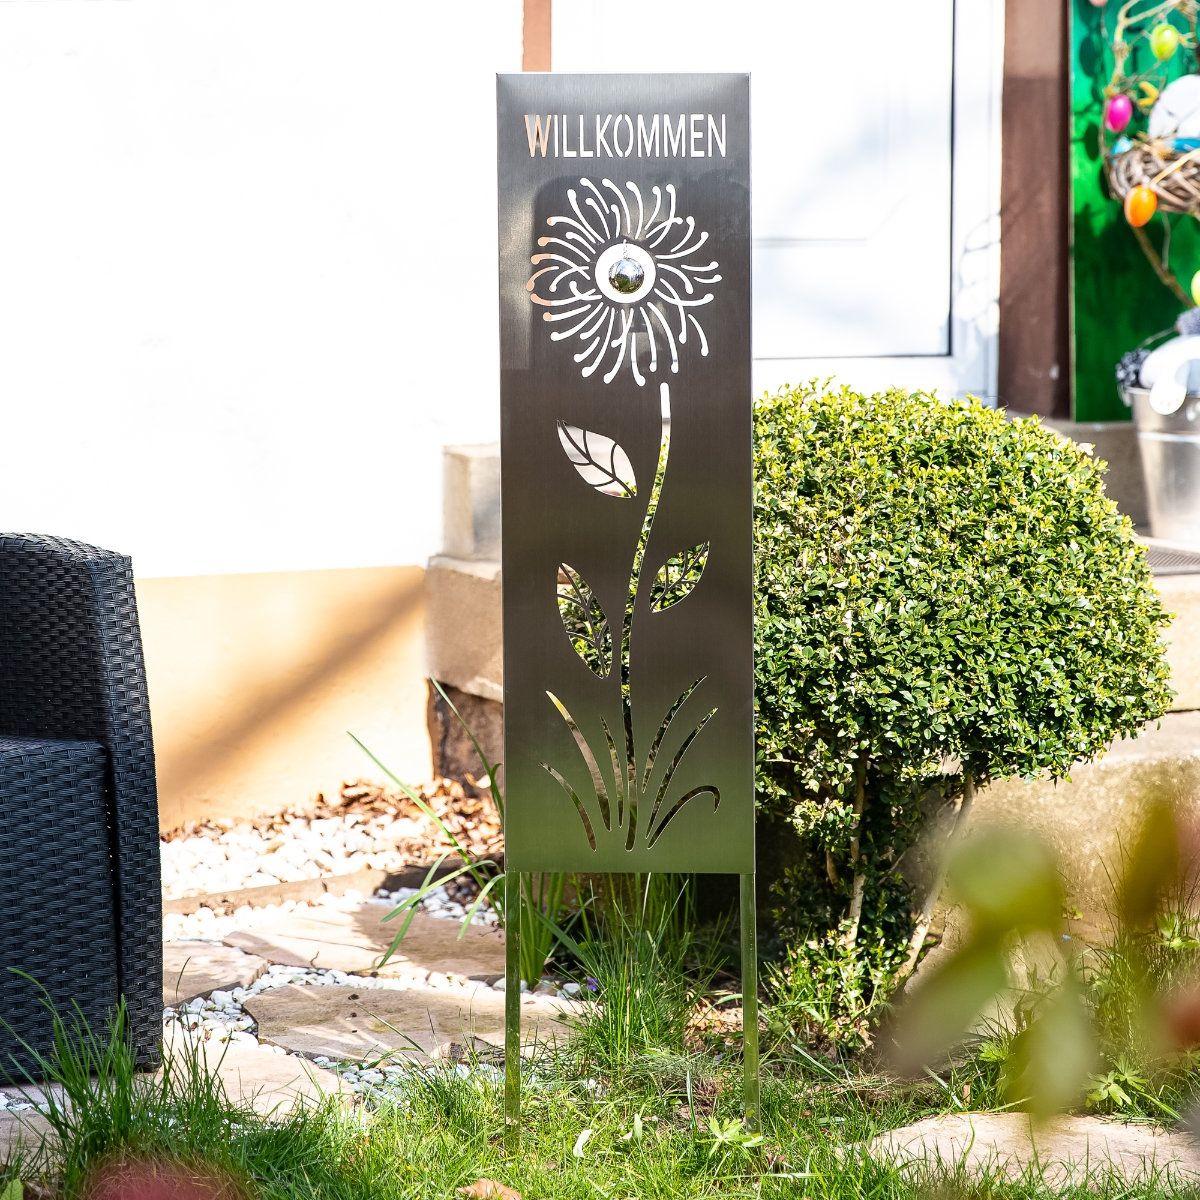 Steckschild Edelstahl Willkommen Gartendekoration Mit Spruch Gartenschild Garten Deko Gartenstecker Gartenschilder Gartendekoration Gartenstecker